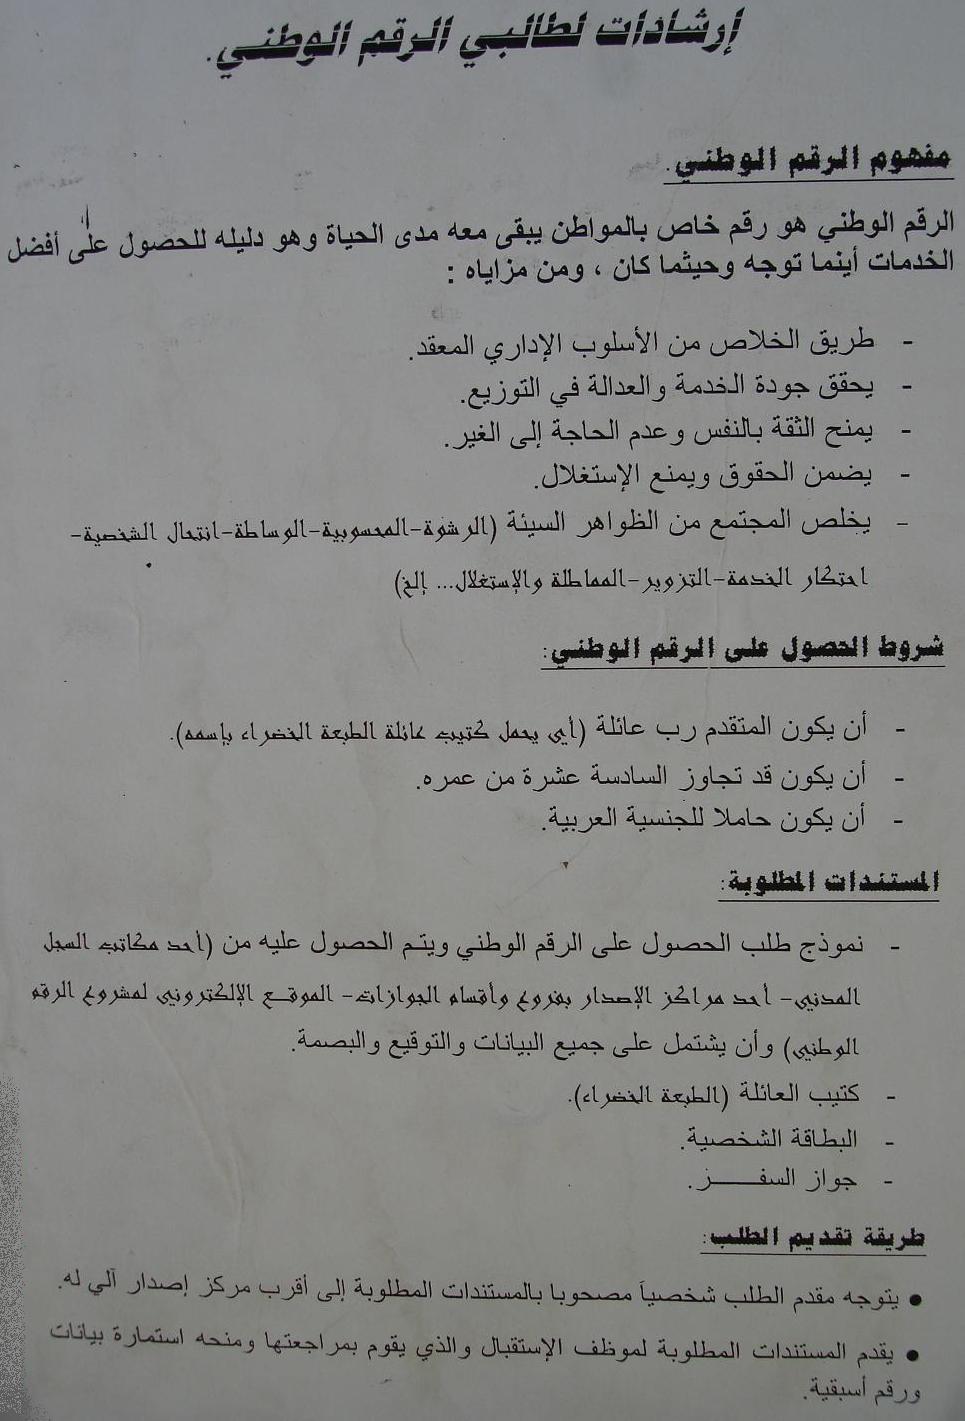 إرشادات صفحة 1